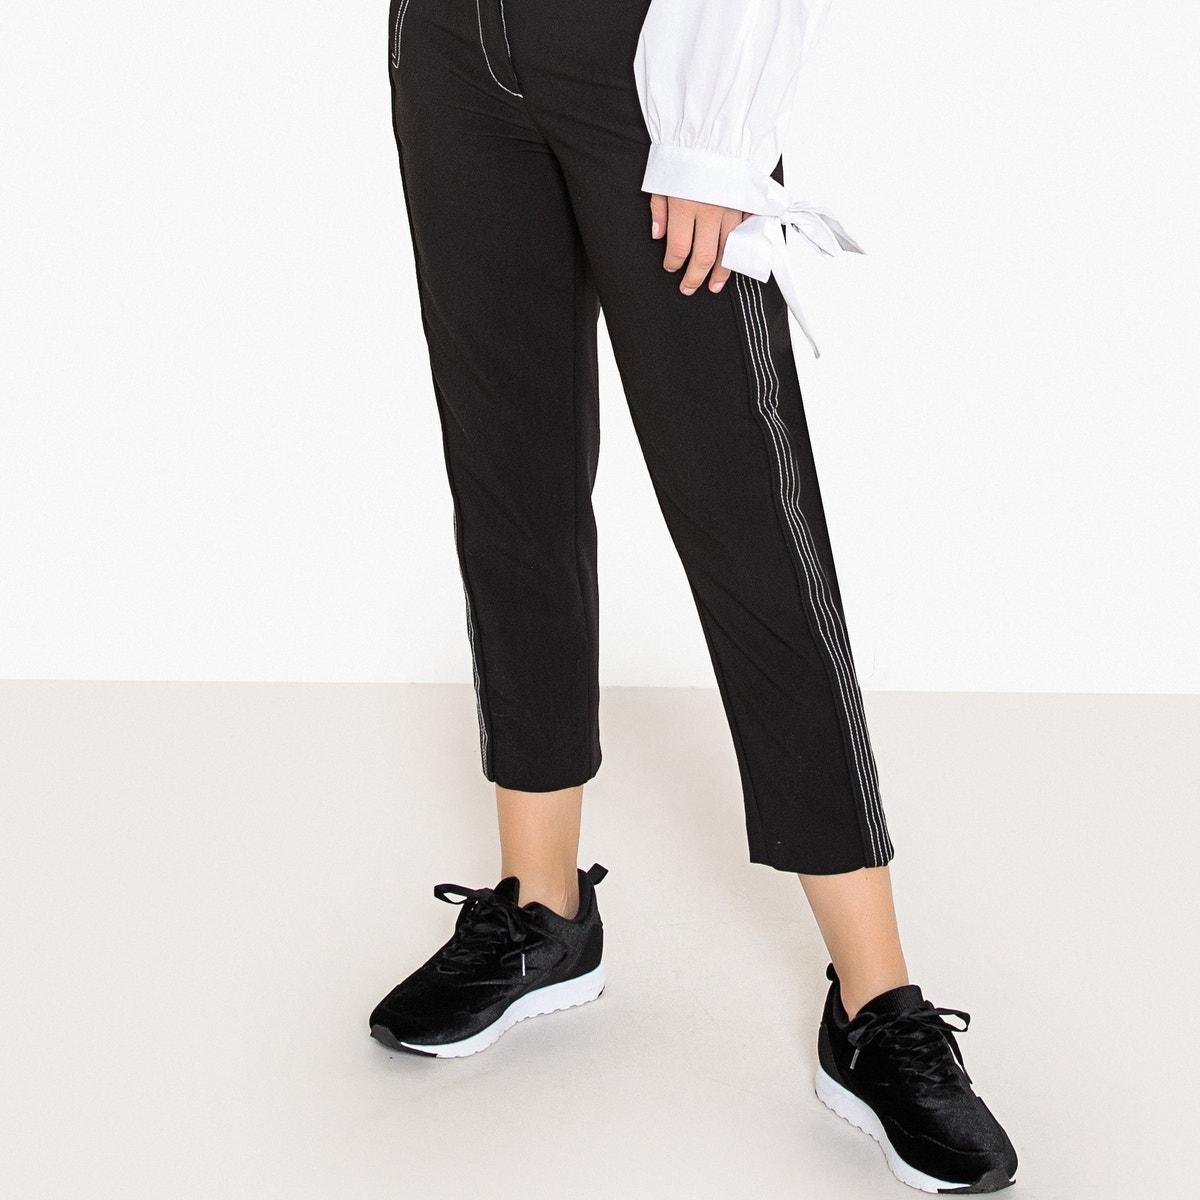 24 ajustée coupe femme court longueur Pantalon 5 SXqP6wnn